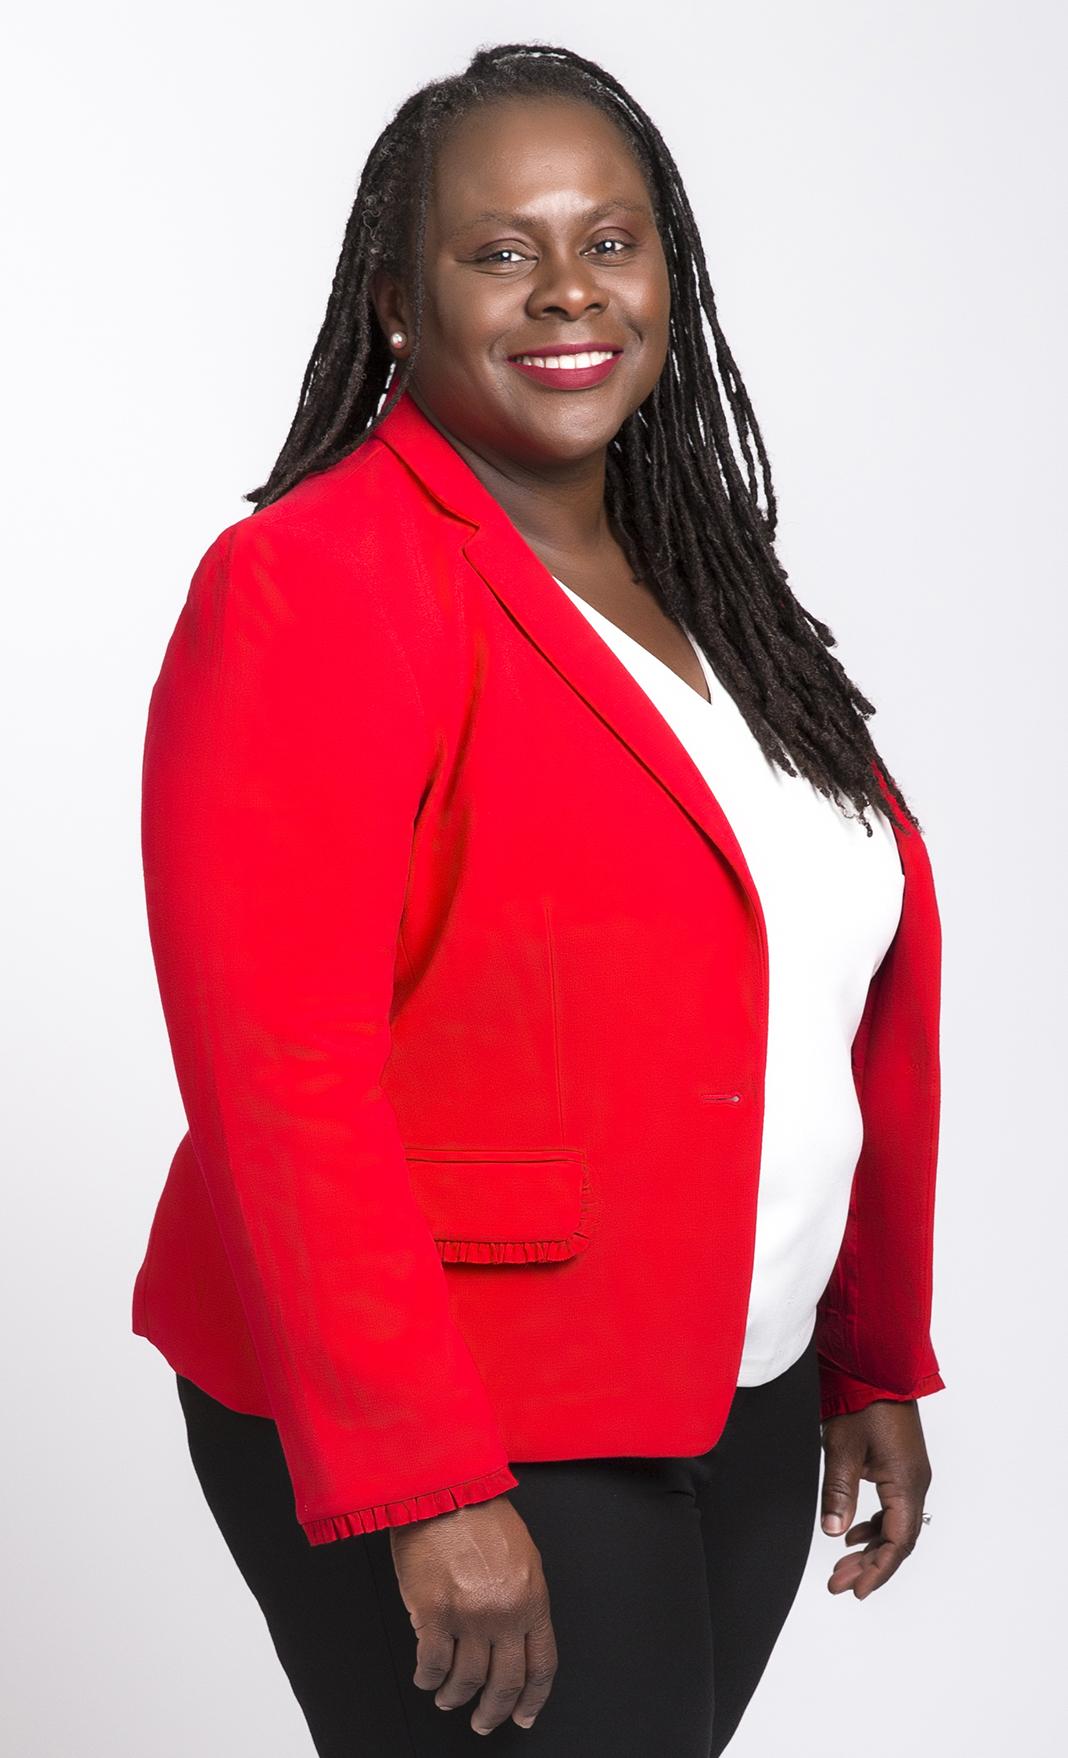 Angela Lewis Wikipedia angela onwuachi-willig | school of law